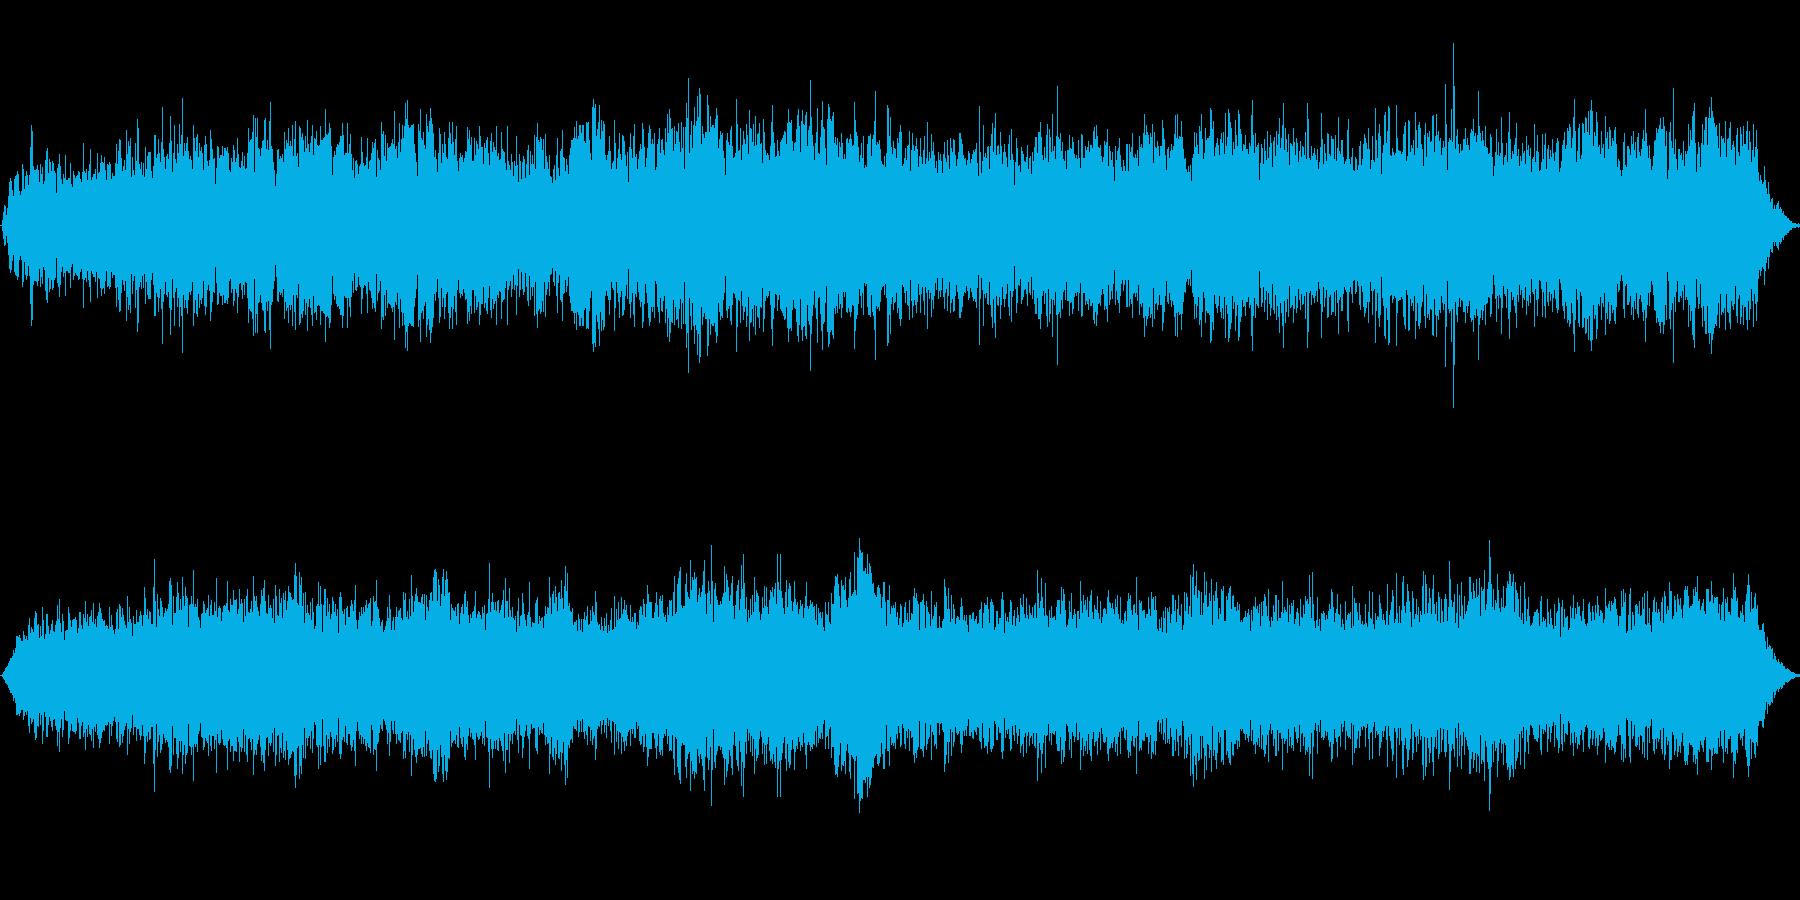 宇宙をイメージして作成しました。の再生済みの波形